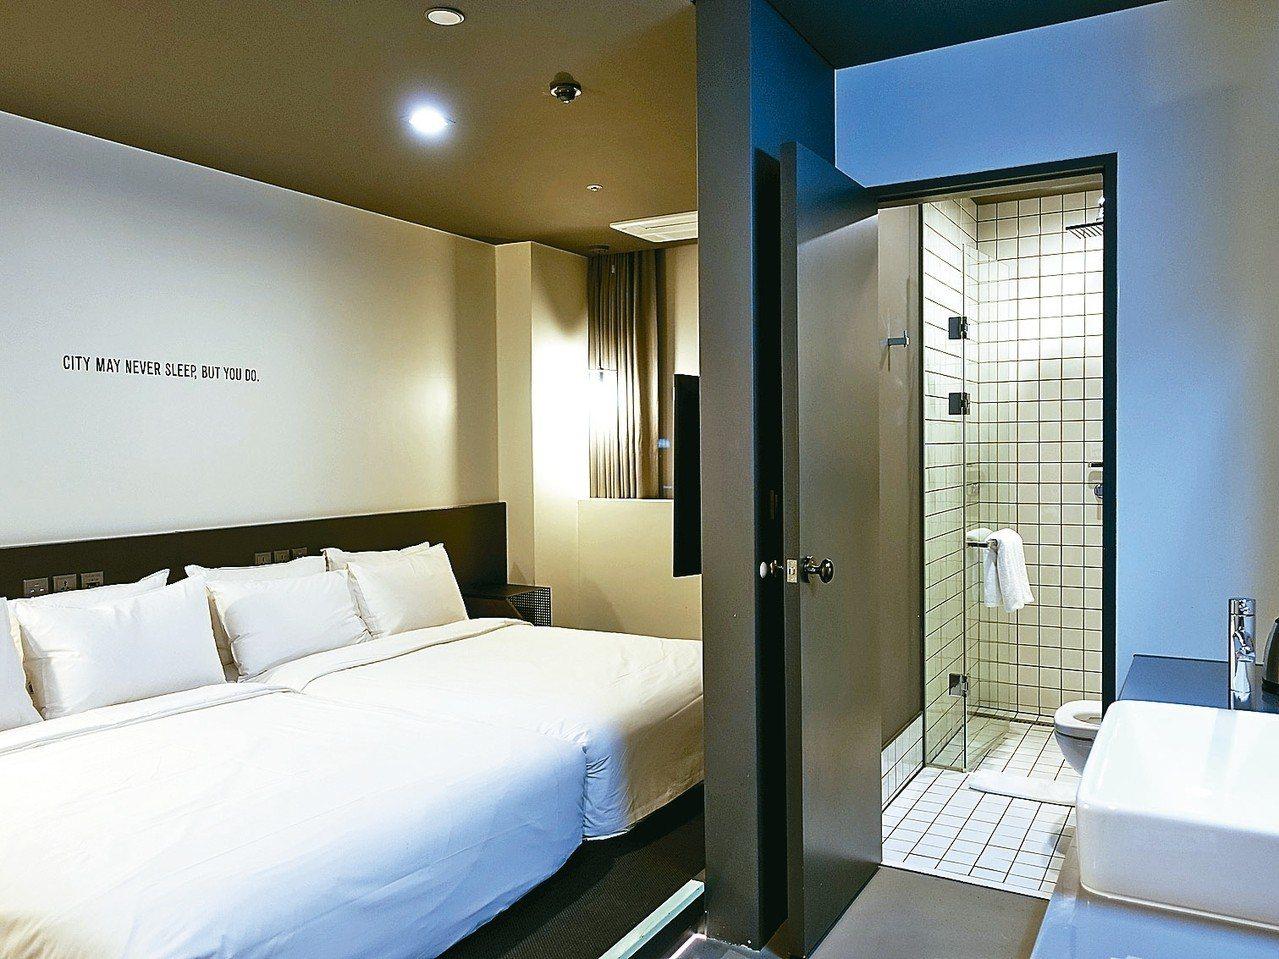 簡約文青風格的房型。 記者張芳瑜/攝影